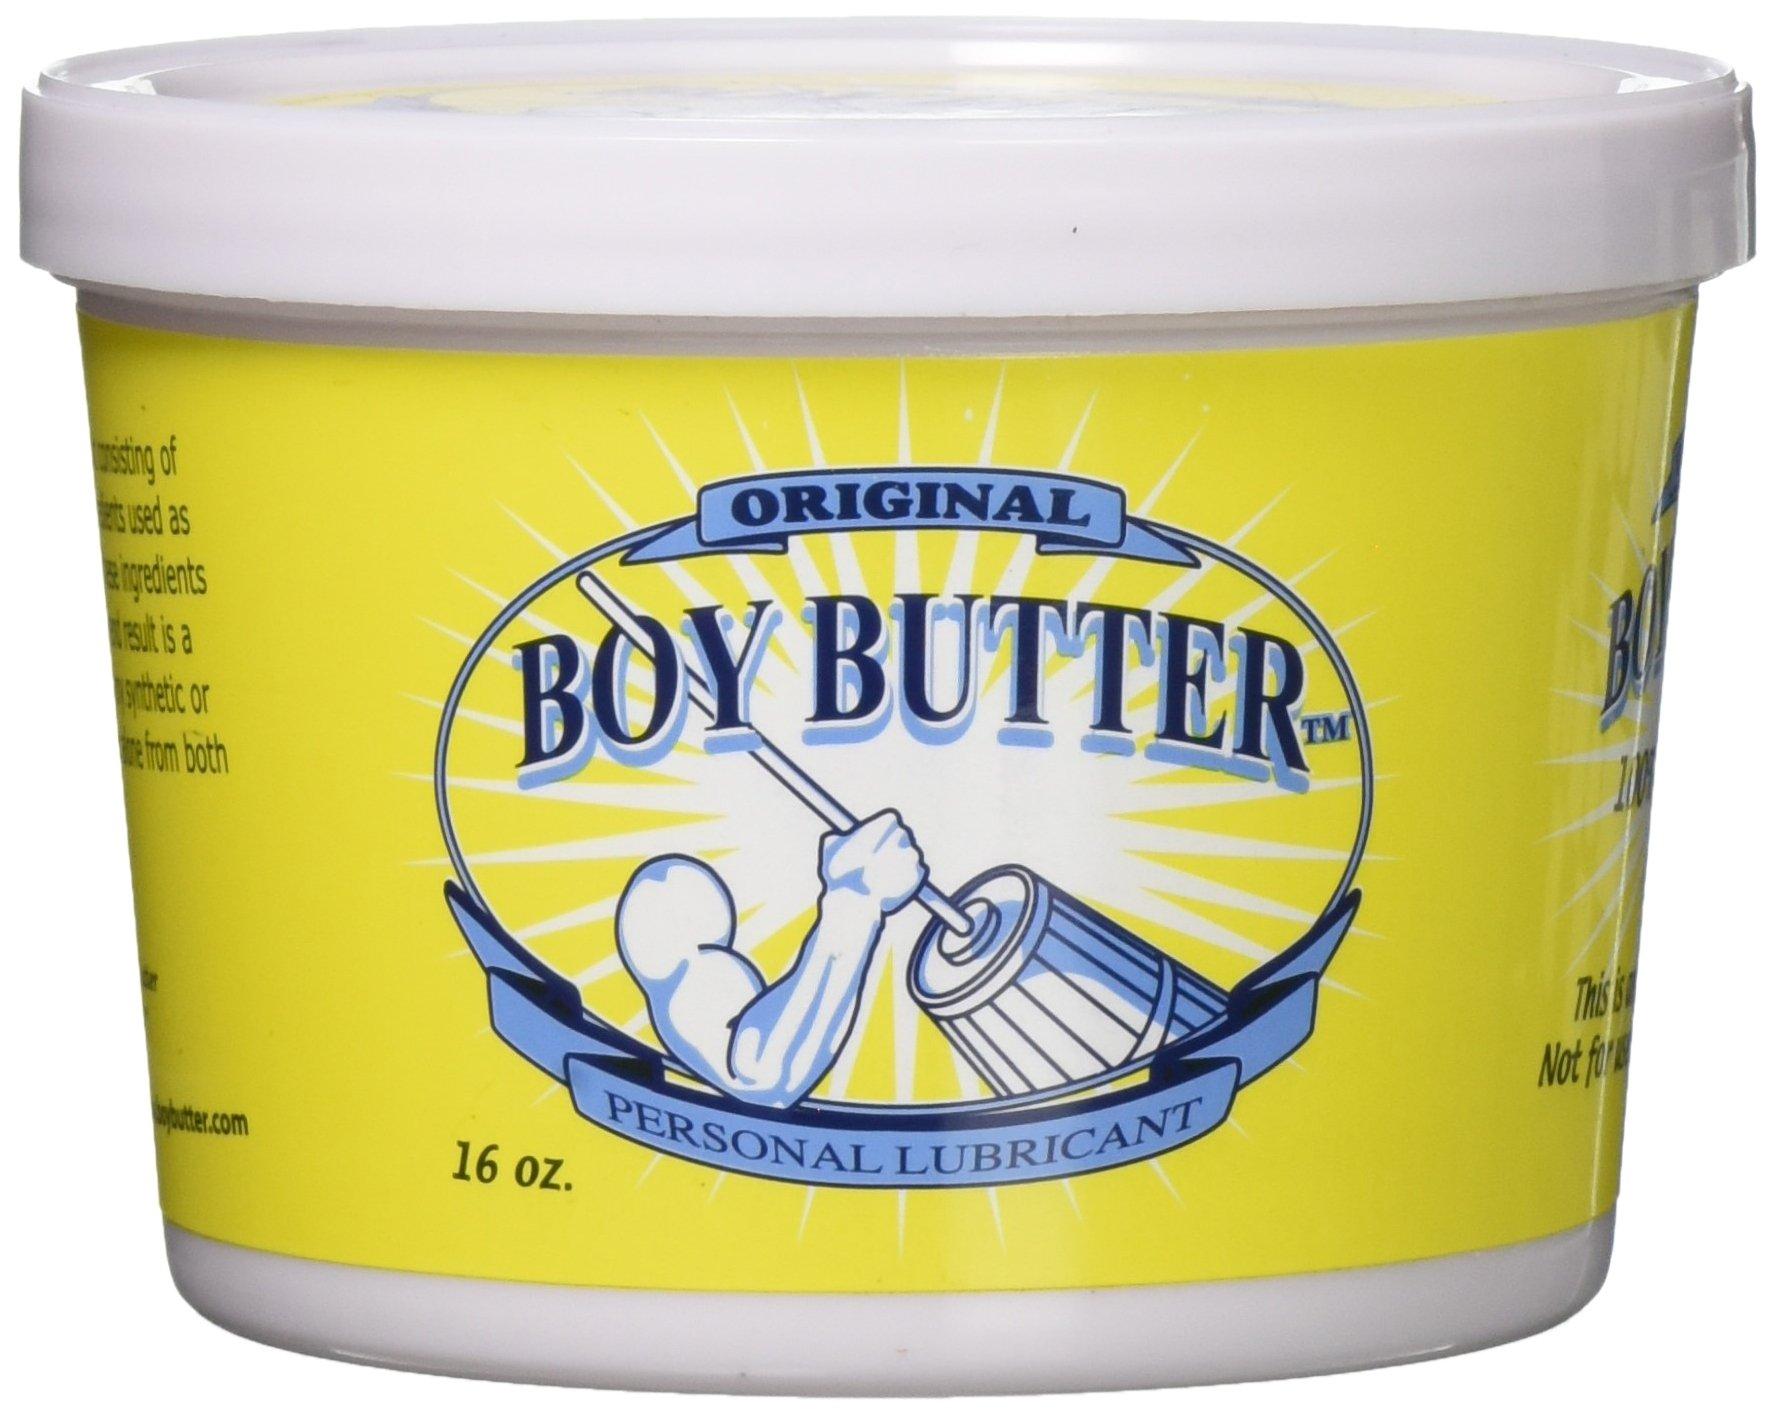 Boy Butter Personal Lubricant, Original Formula (16 Oz. Tub)